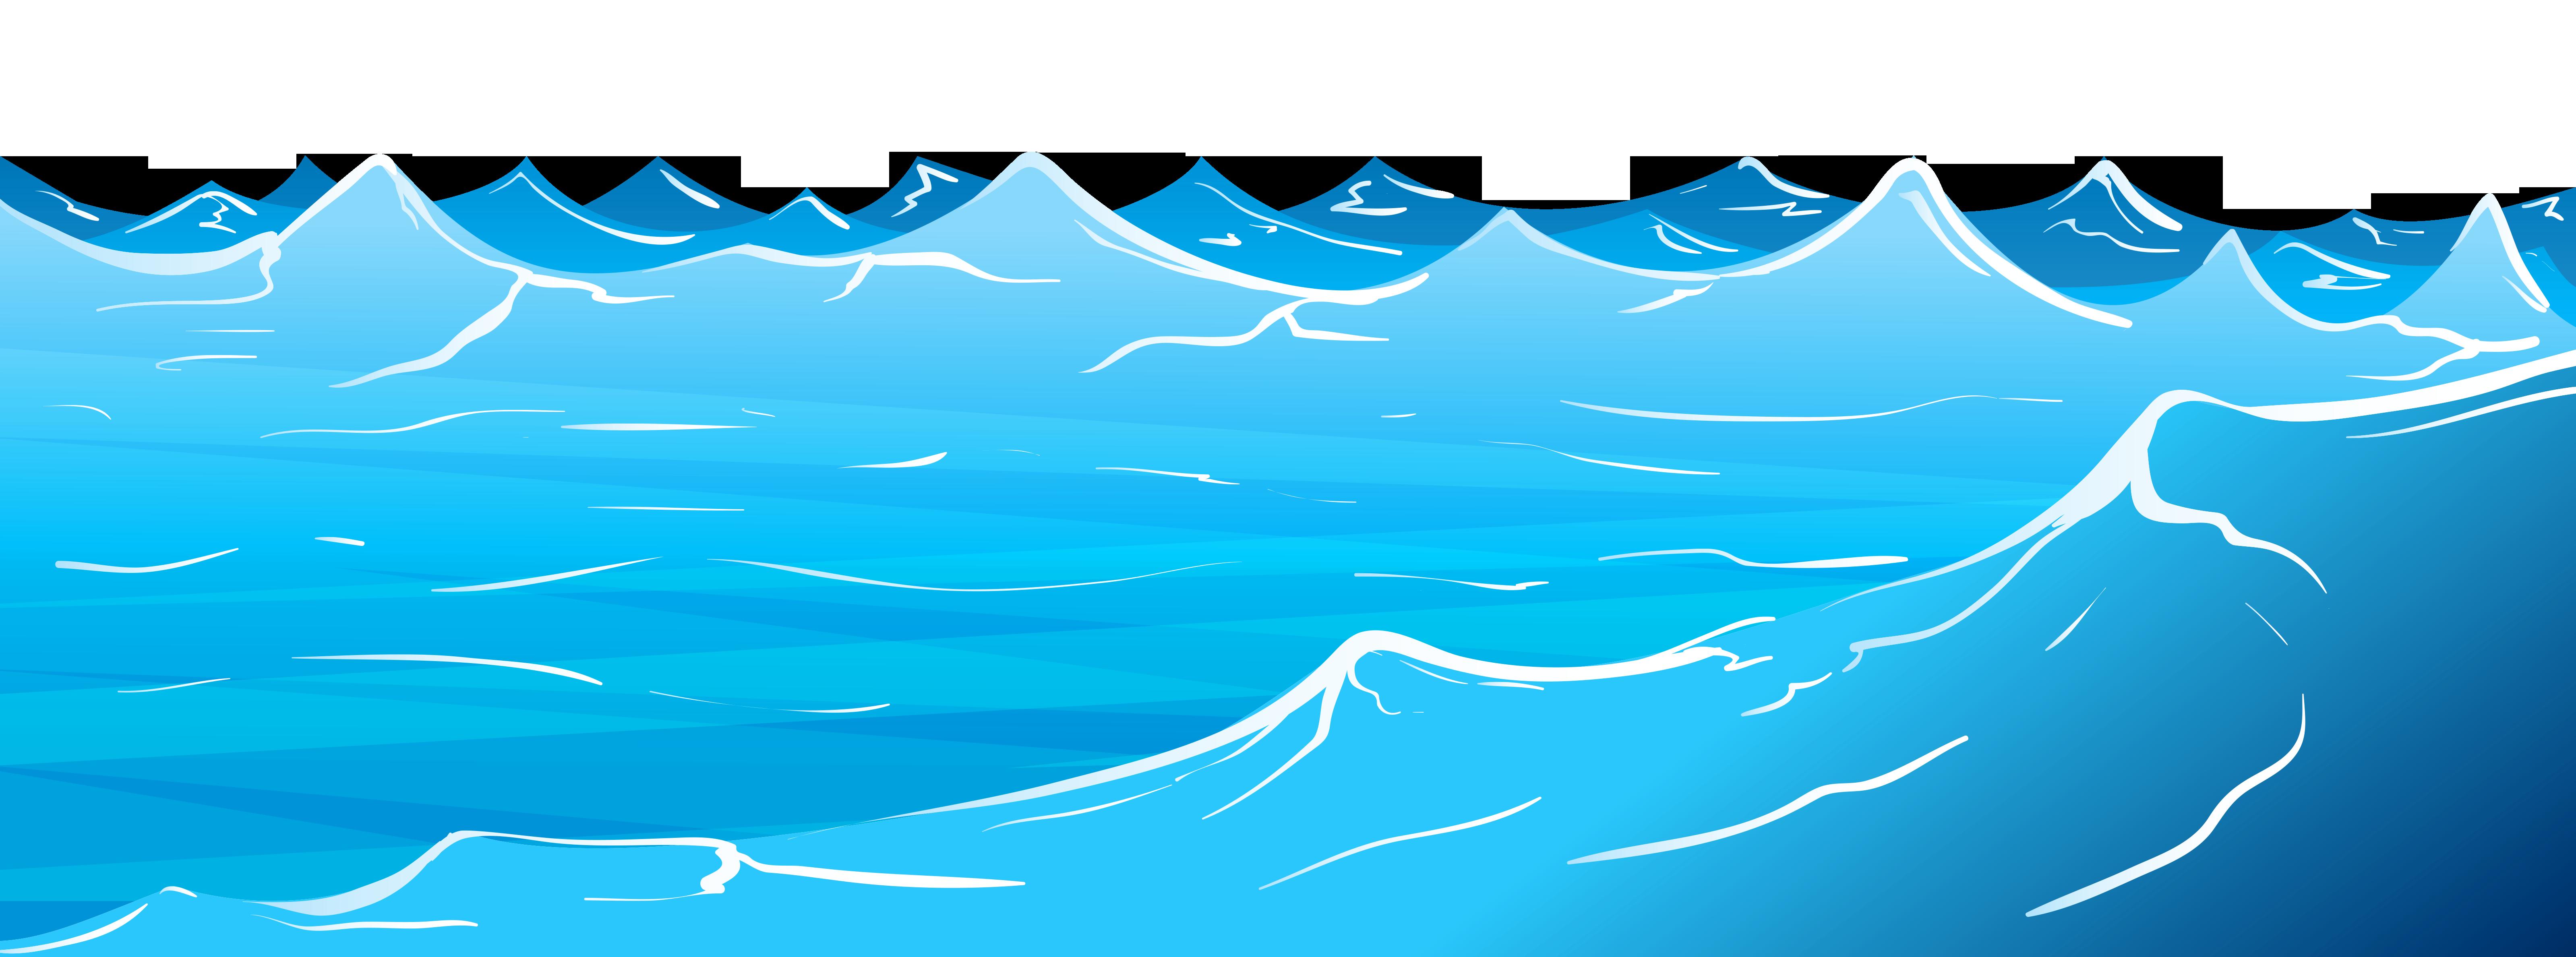 Free Ocean Clipart-Free Ocean Clipart-2